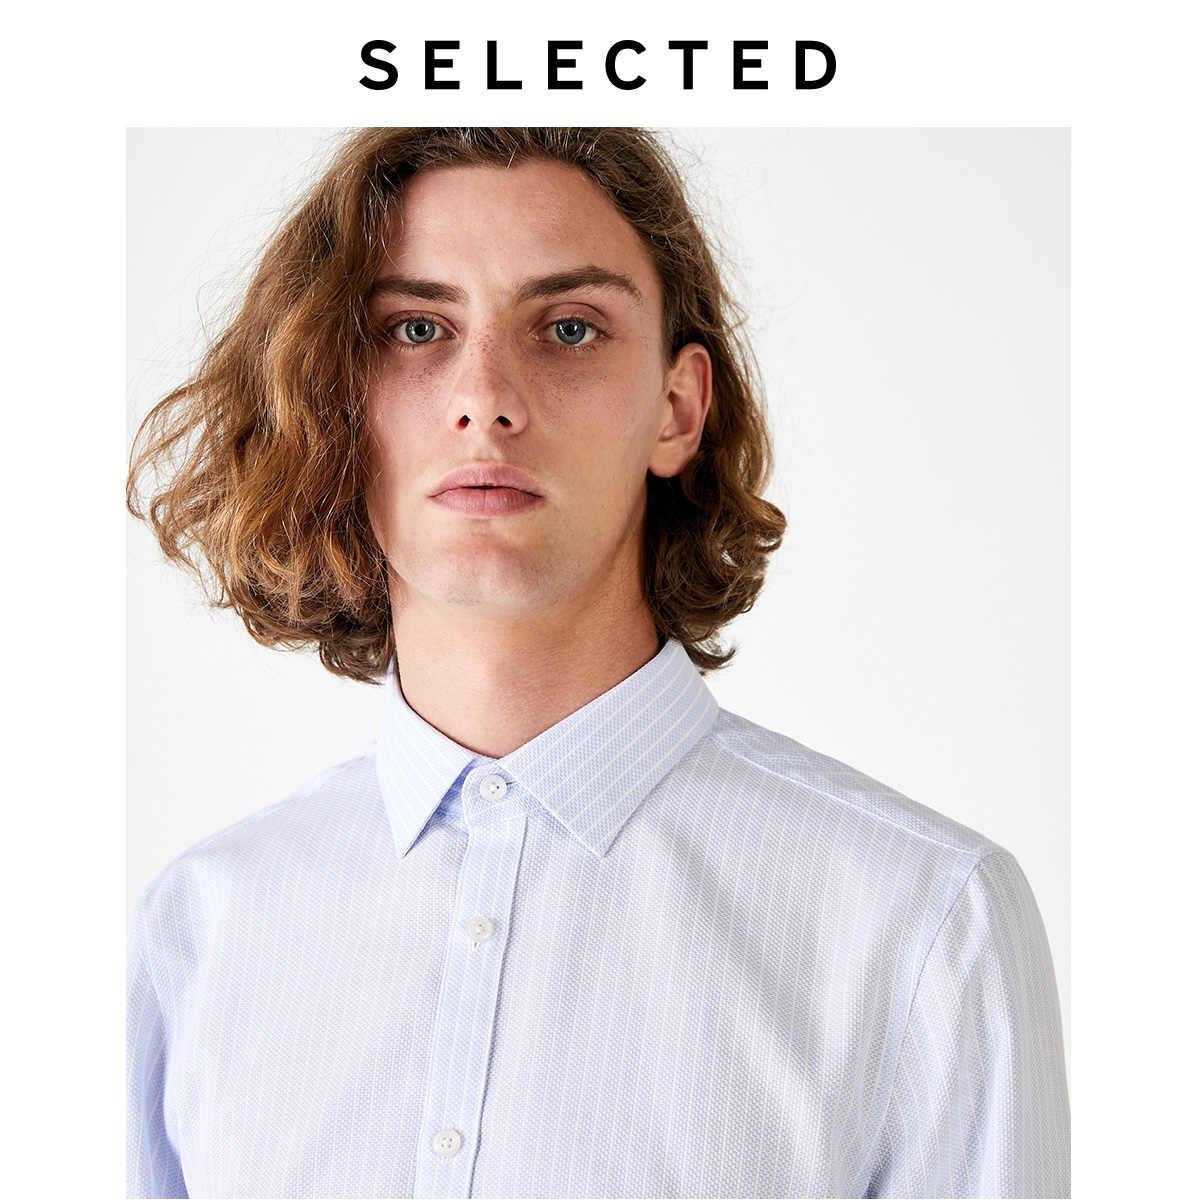 選択された男性の綿100% の正規スリムフィットビジネス長袖シャツt | 419305576